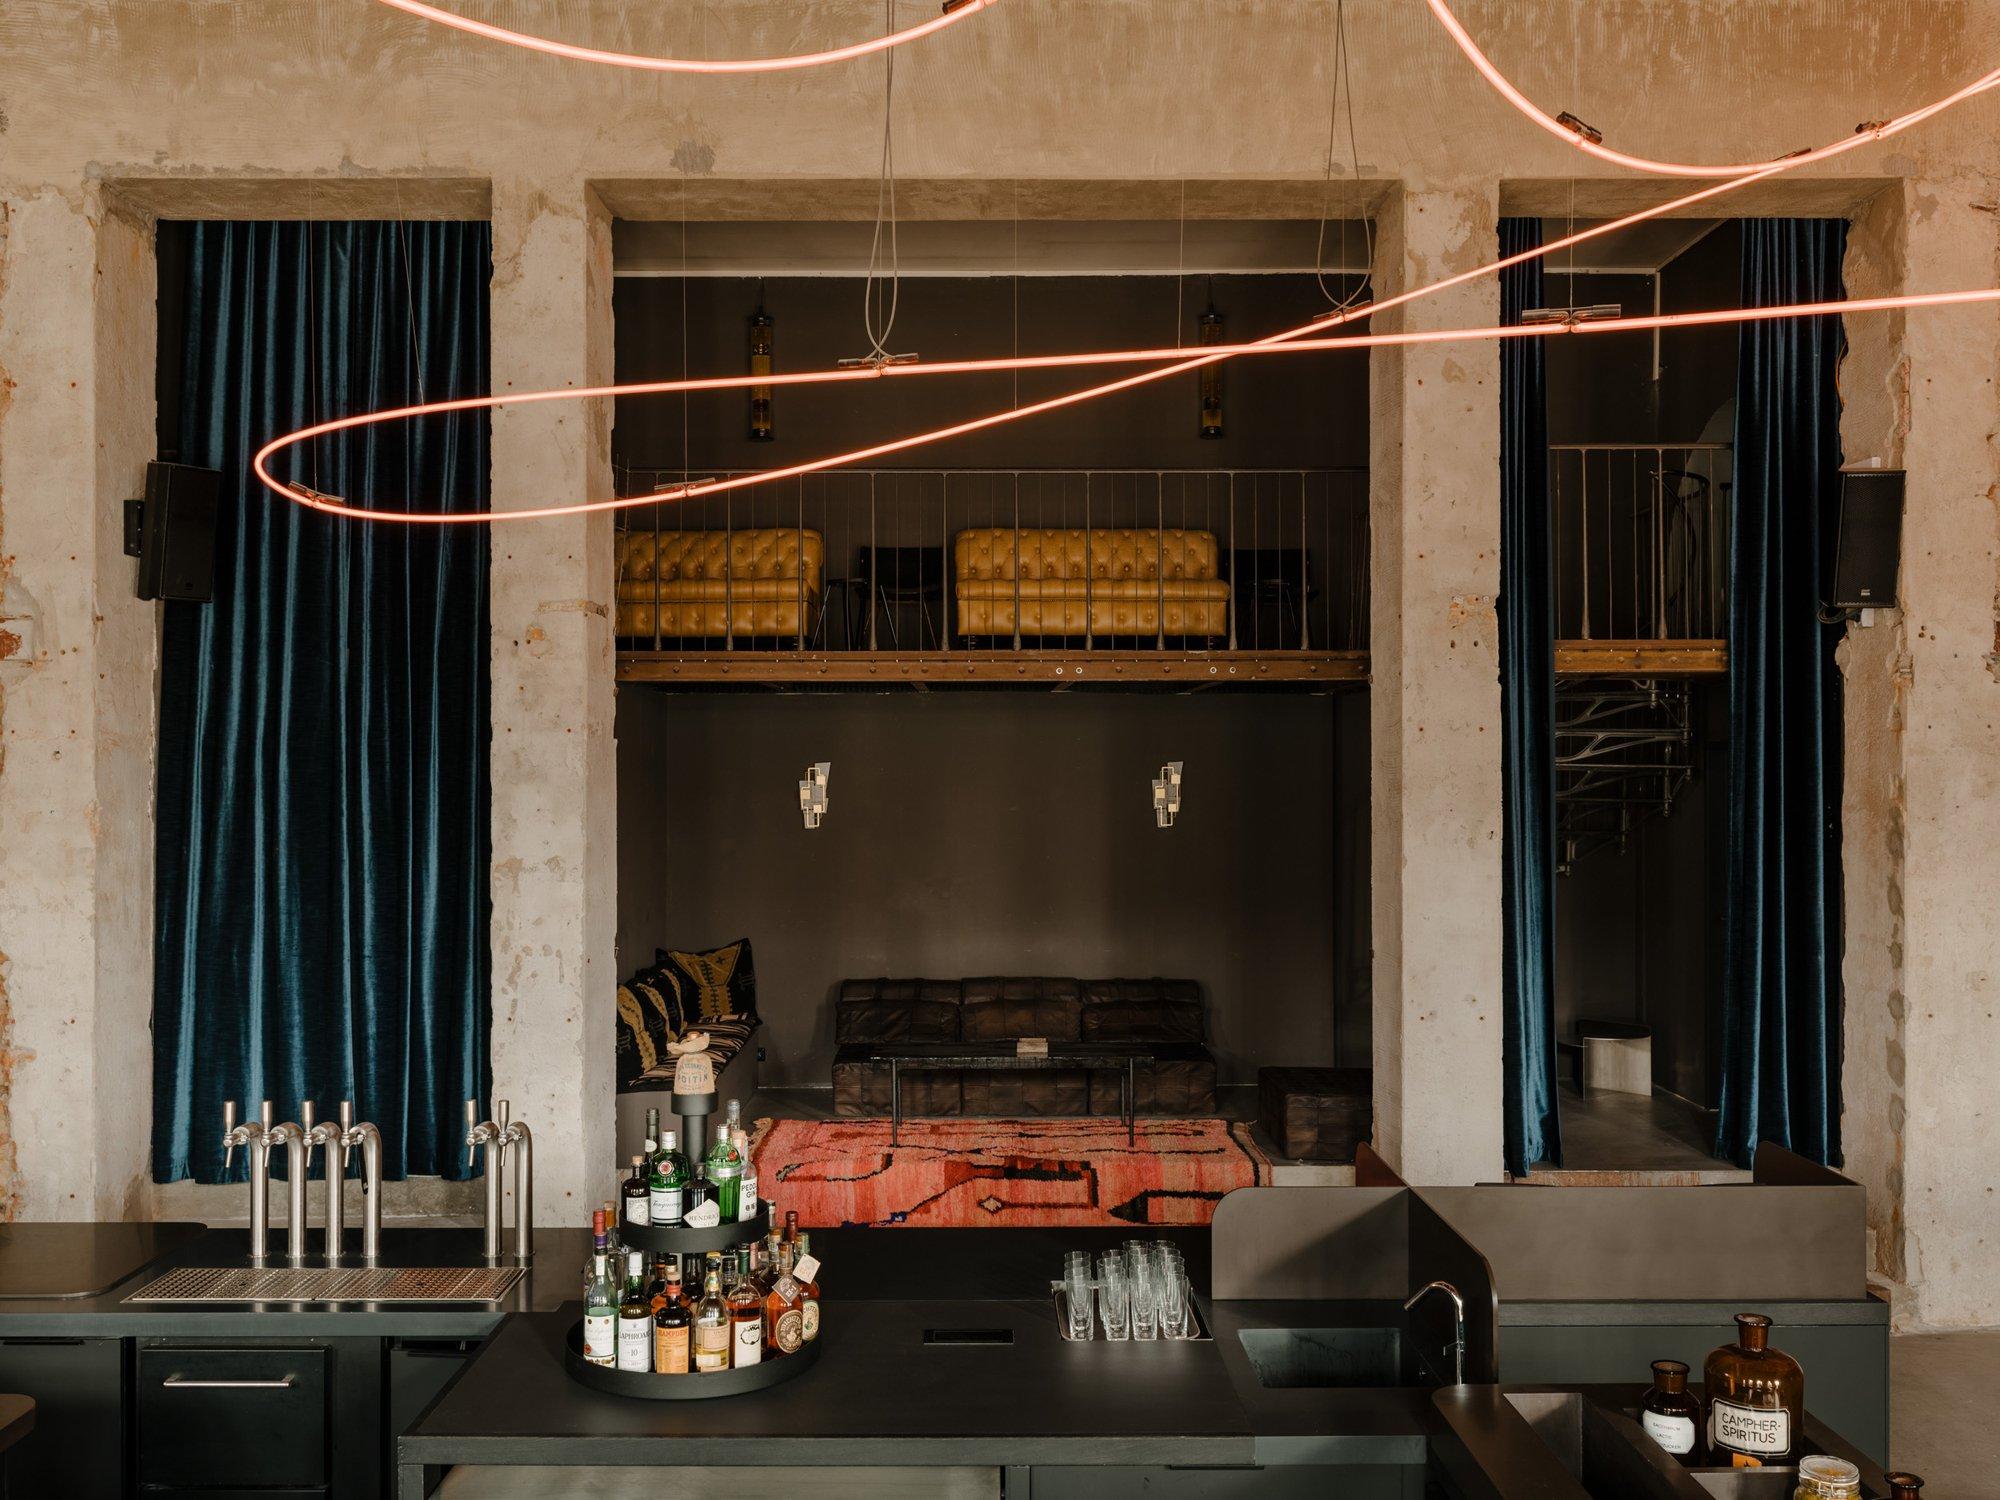 Mit seinen acht Meter hohen Decken, ausgewählten Vintage-Möbeln und zum Teil eigens in Auftrag gegebenen Kunstwerken gleichtdas Lokal einermondänen Bühne.Dennoch ist es ganz klar im brüchigen Charme der Berliner Nacht geerdet. Foto:Robert Rieger